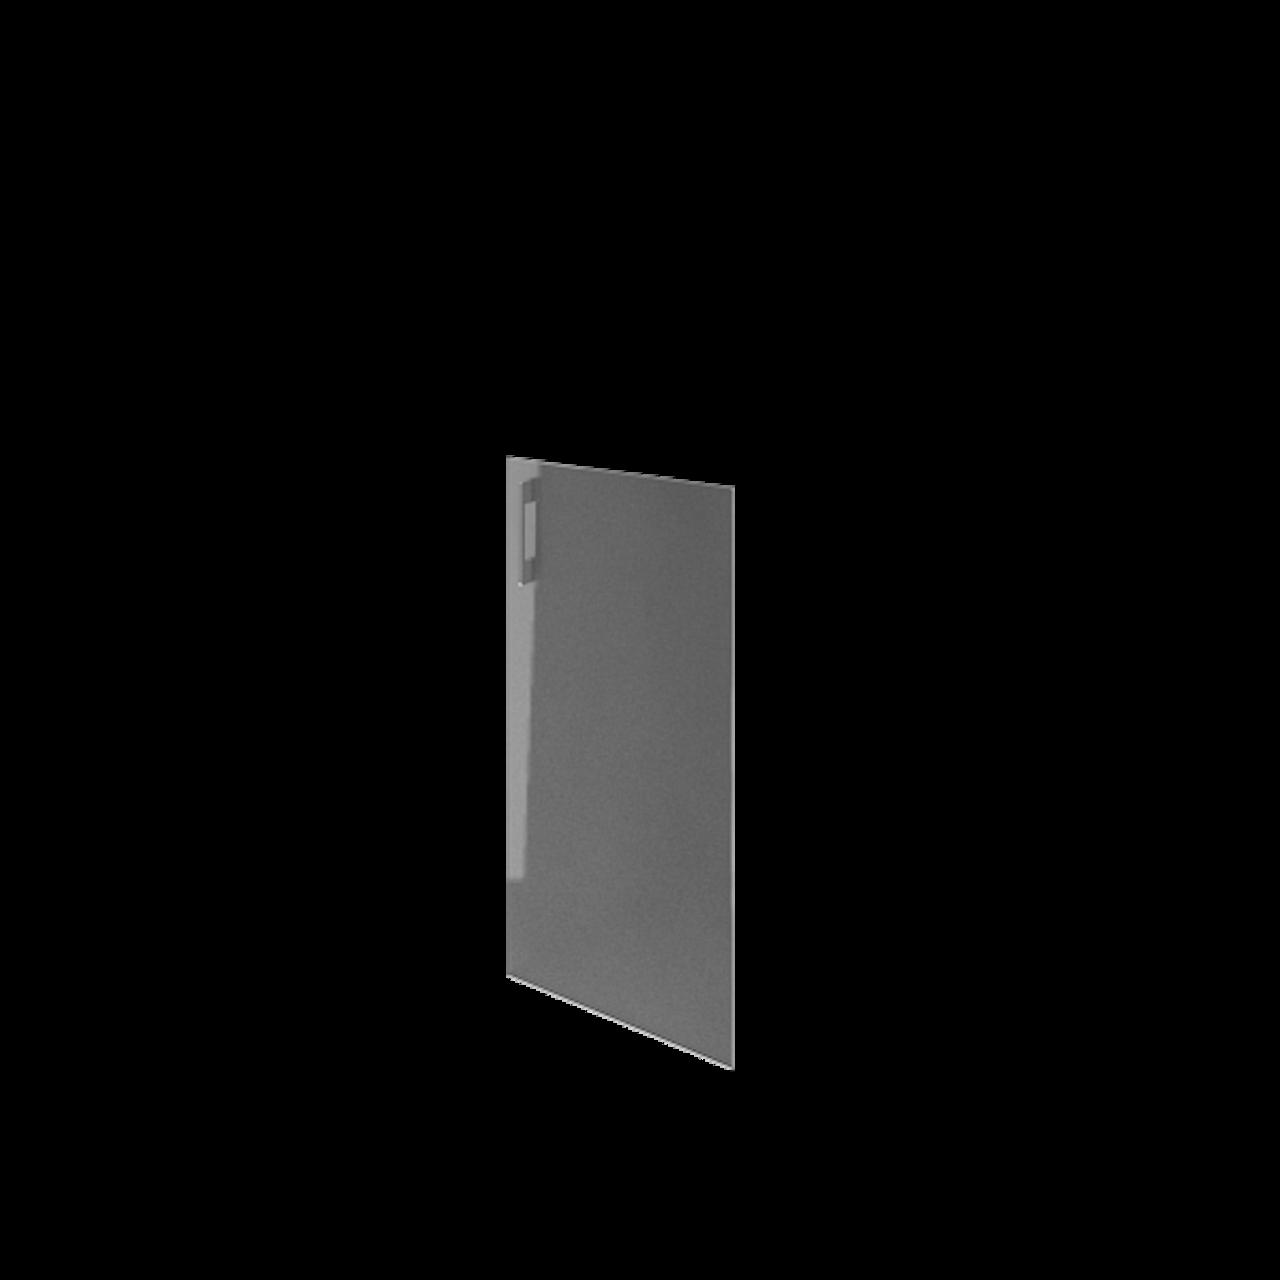 Дверь стекло в раме низкое правая - фото 1